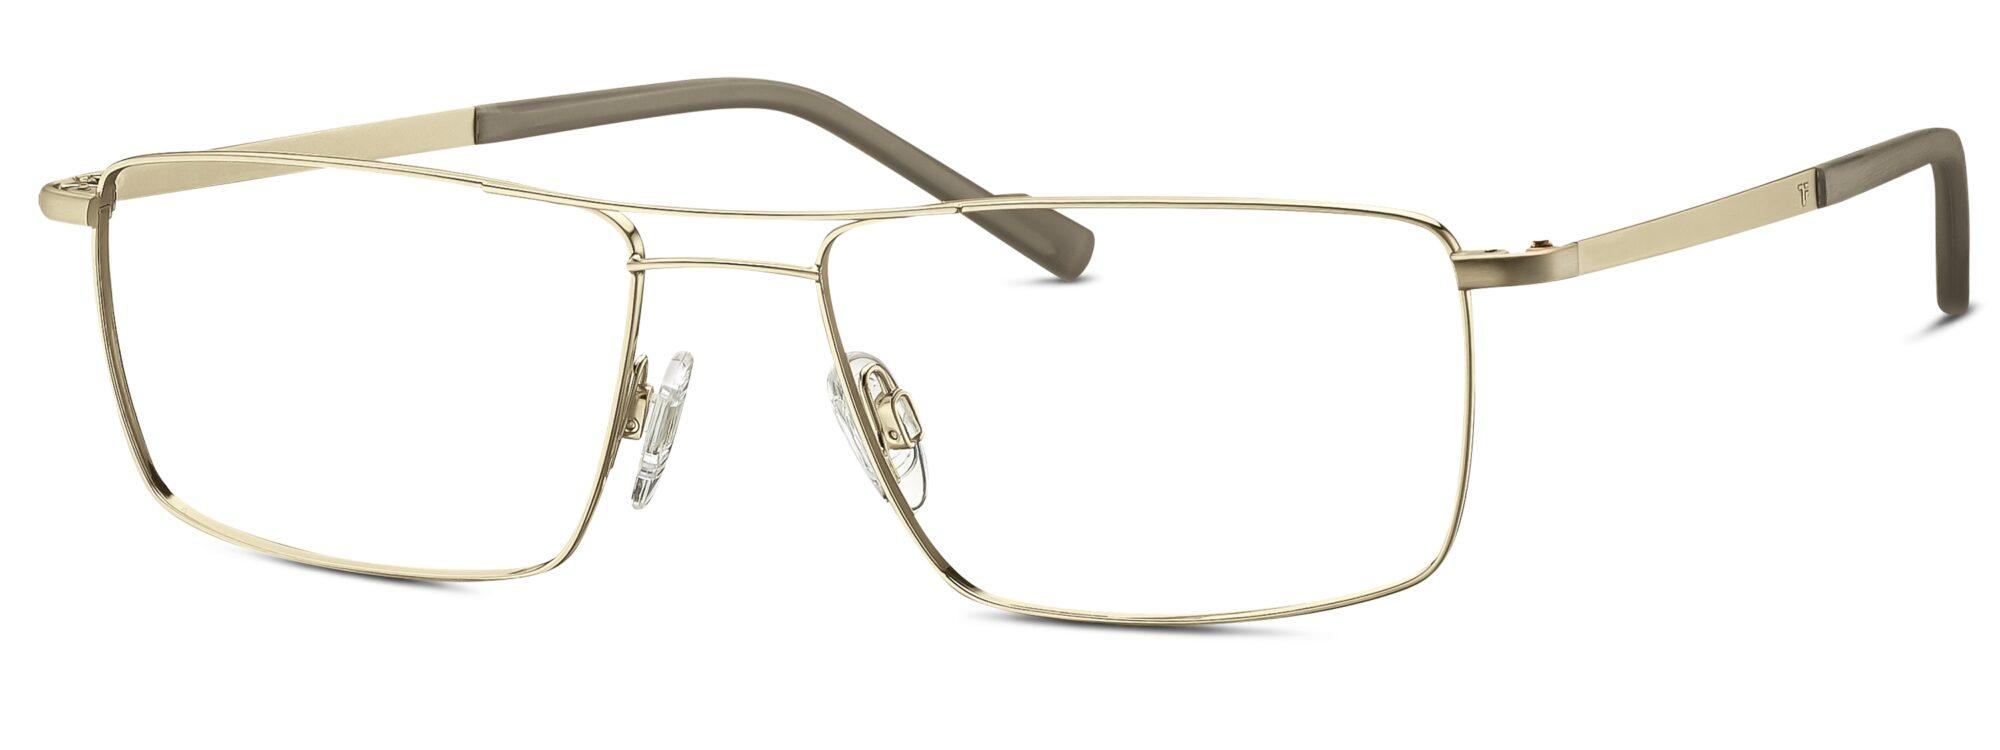 TITANFLEX - 820809-20